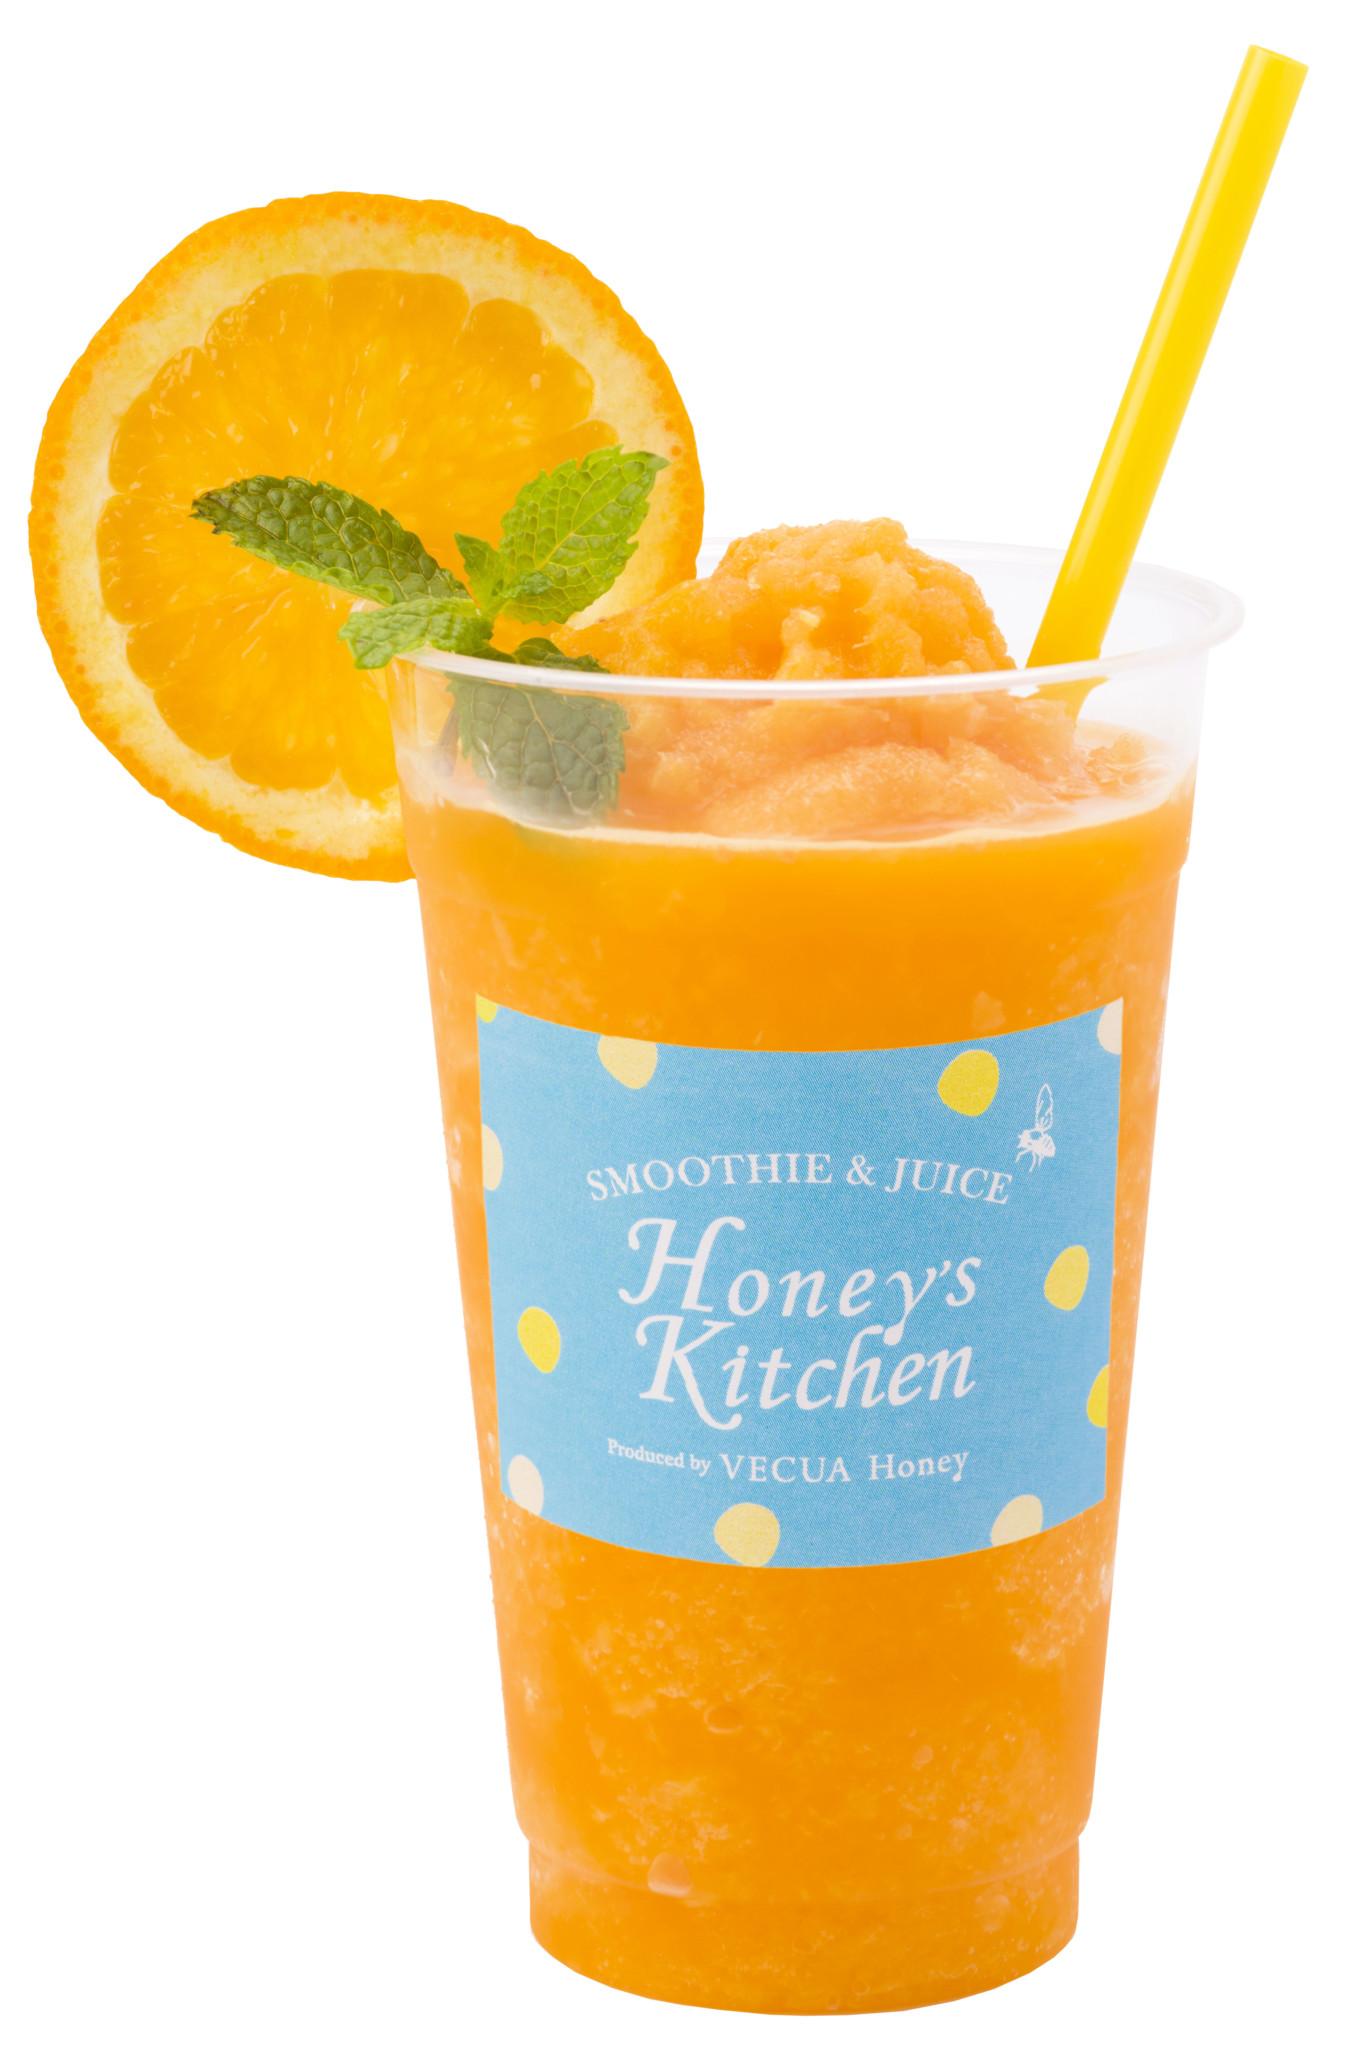 Honey's Kitchenフローズンの画像4